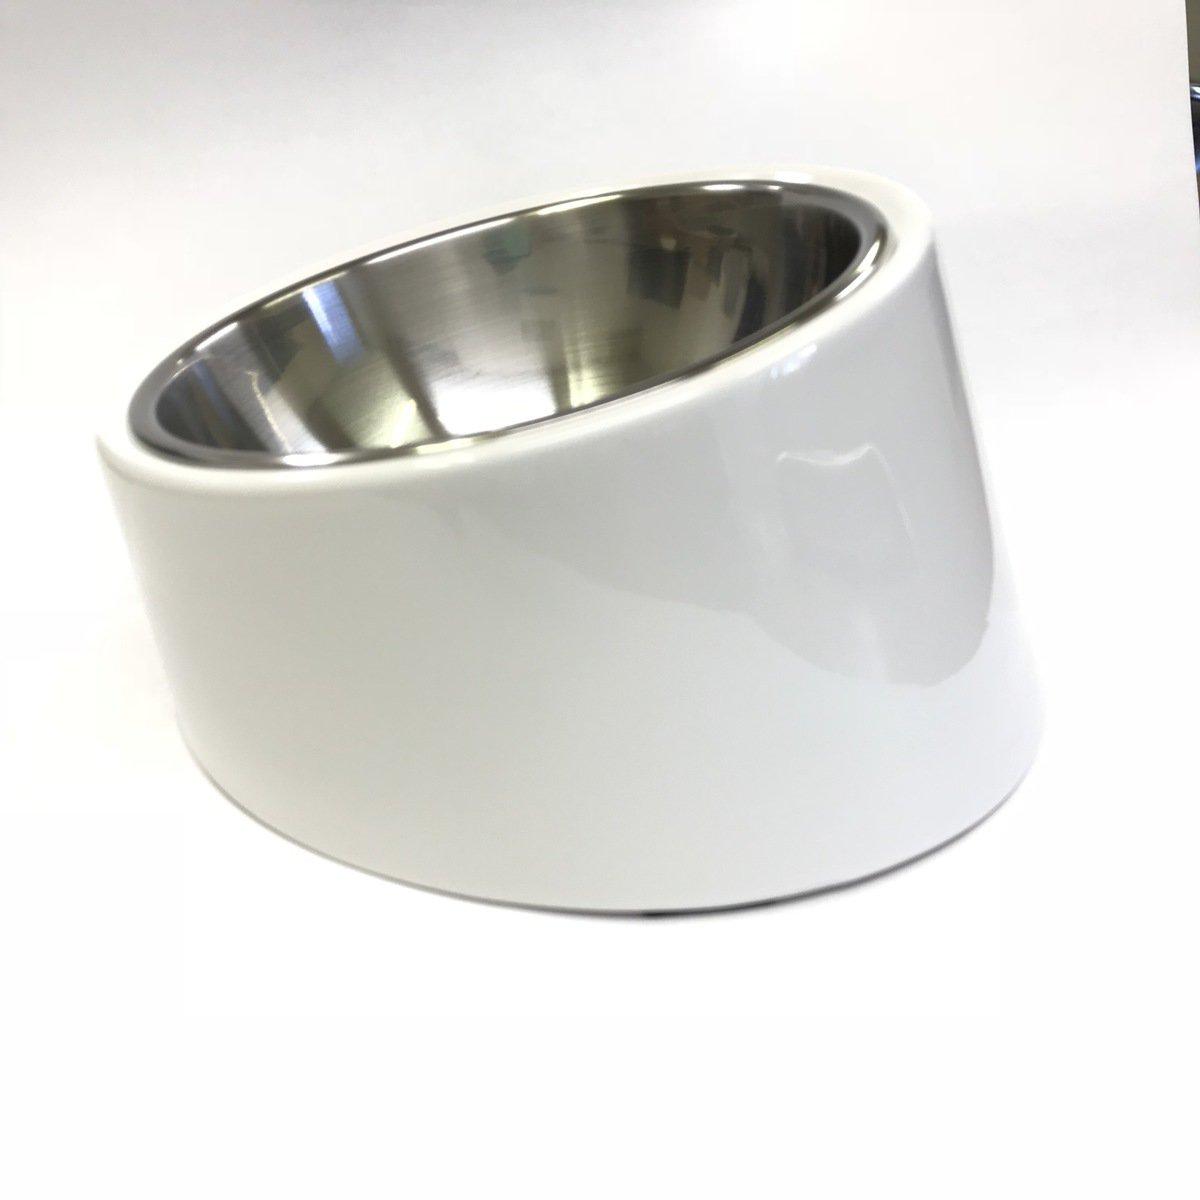 トムキャット [食器]スロープボウル M ホワイト×12入【送料無料】